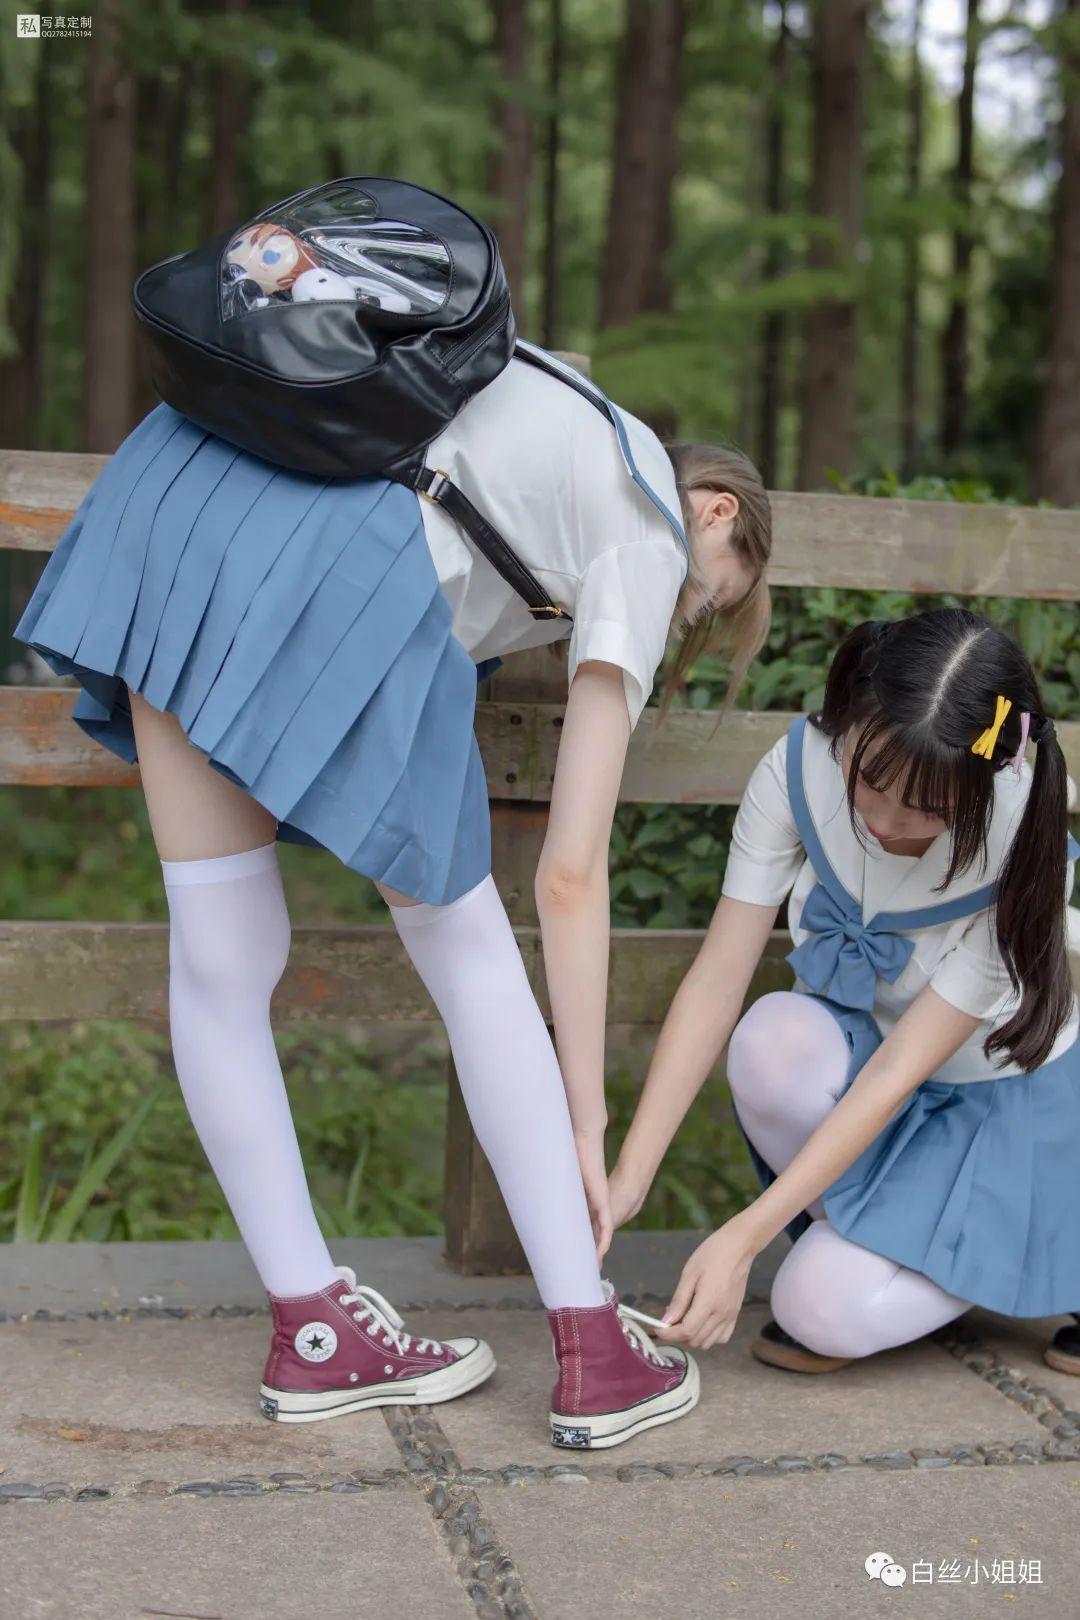 妹子摄影 – 白丝袜JK制服萝莉成对出现,双倍快乐!_图片 No.16